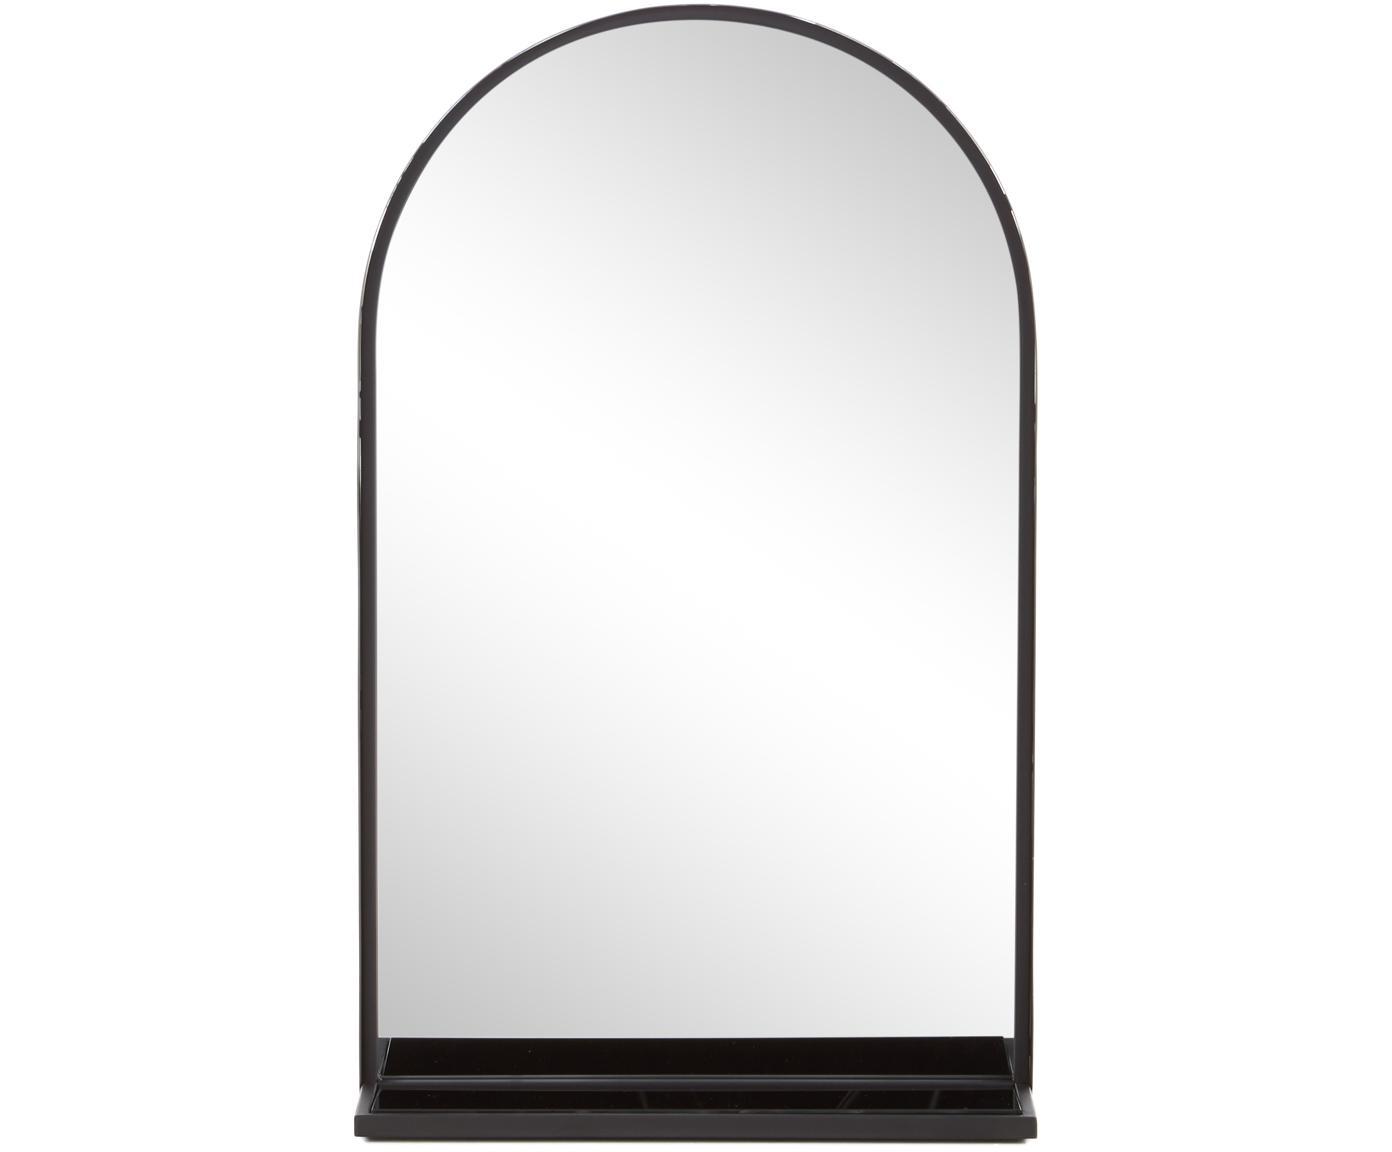 Wandspiegel Grisell mit Ablage und schwarzem Metallrahmen, Rahmen: Metall, beschichtet, Spiegelfläche: Spiegelglas, Schwarz, 46 x 77 cm